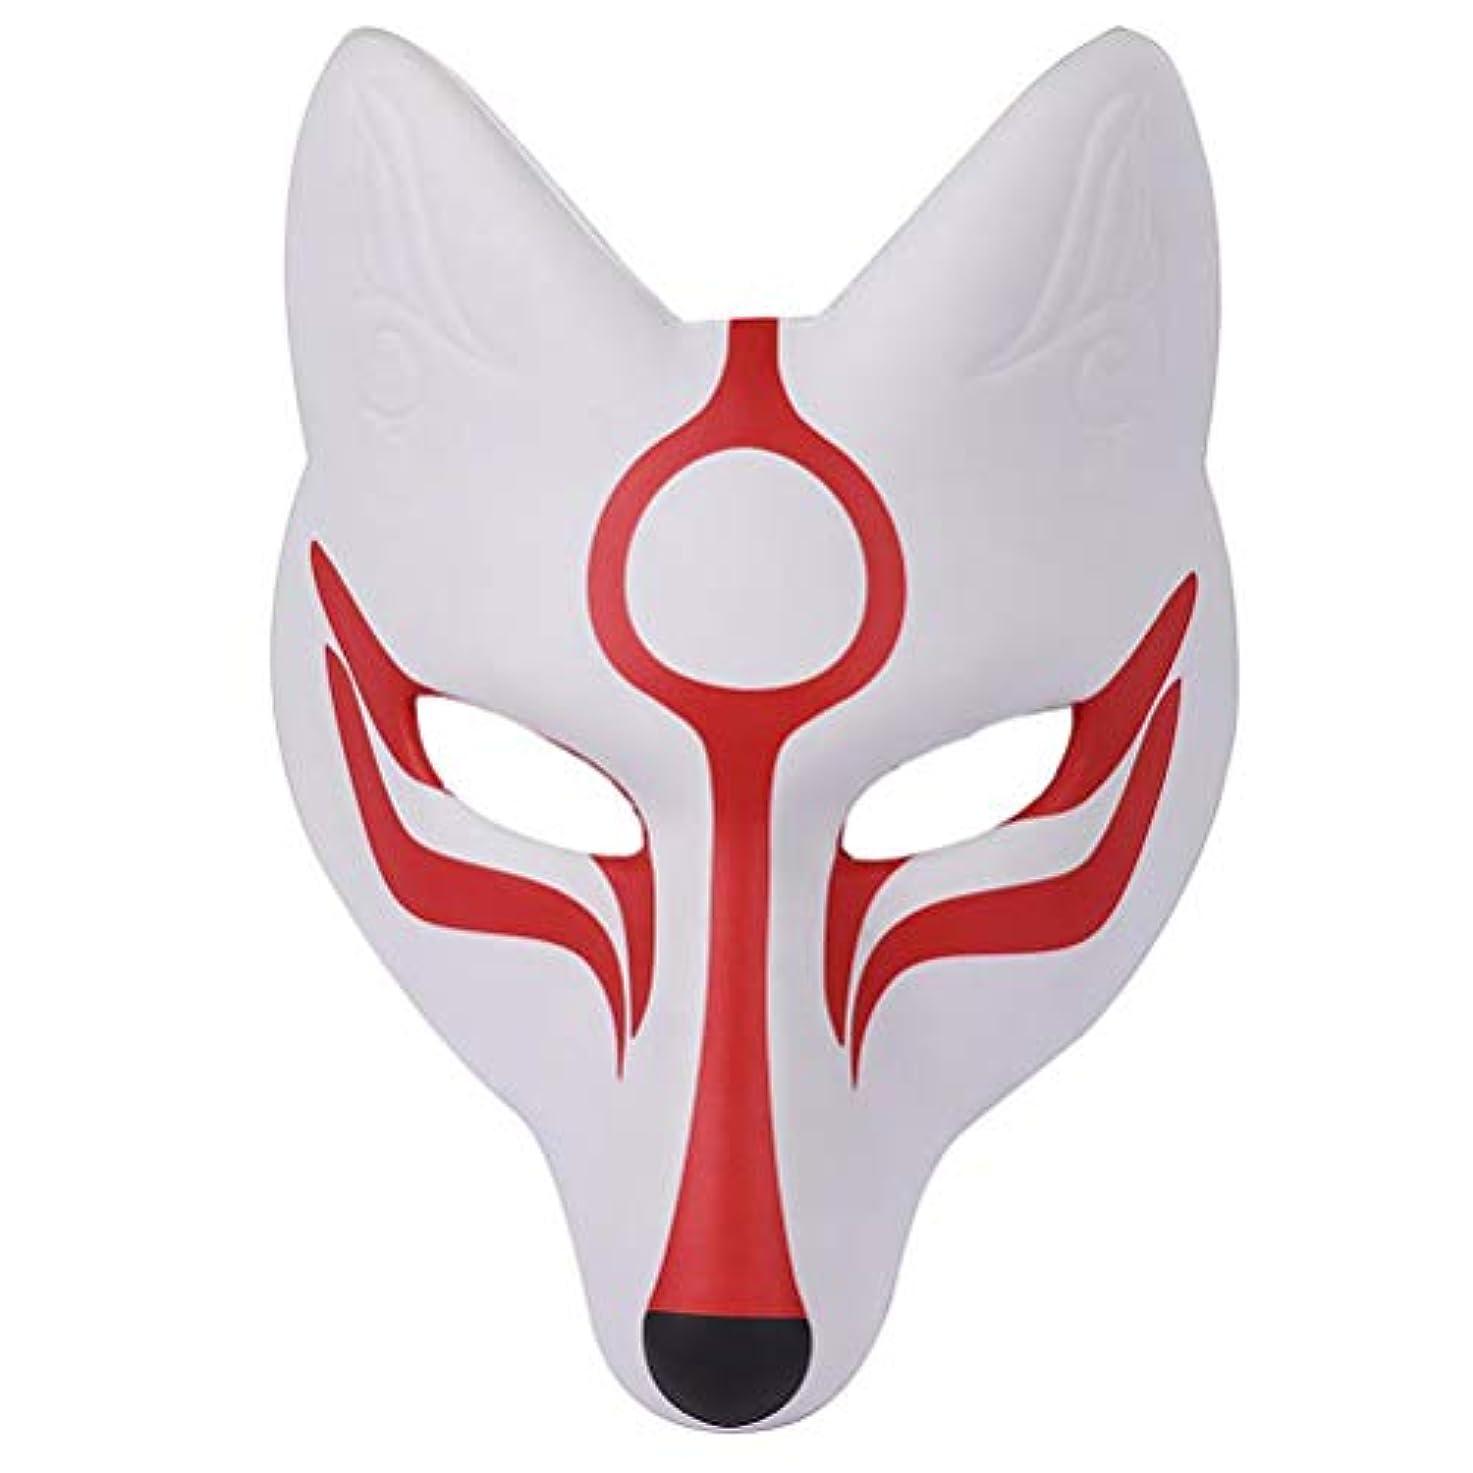 医療のステッチハンディキャップAMOSFUN フォックスマスク日本歌舞伎きつねマスク用男性女性子供ハロウィーン仮装衣装プロップ